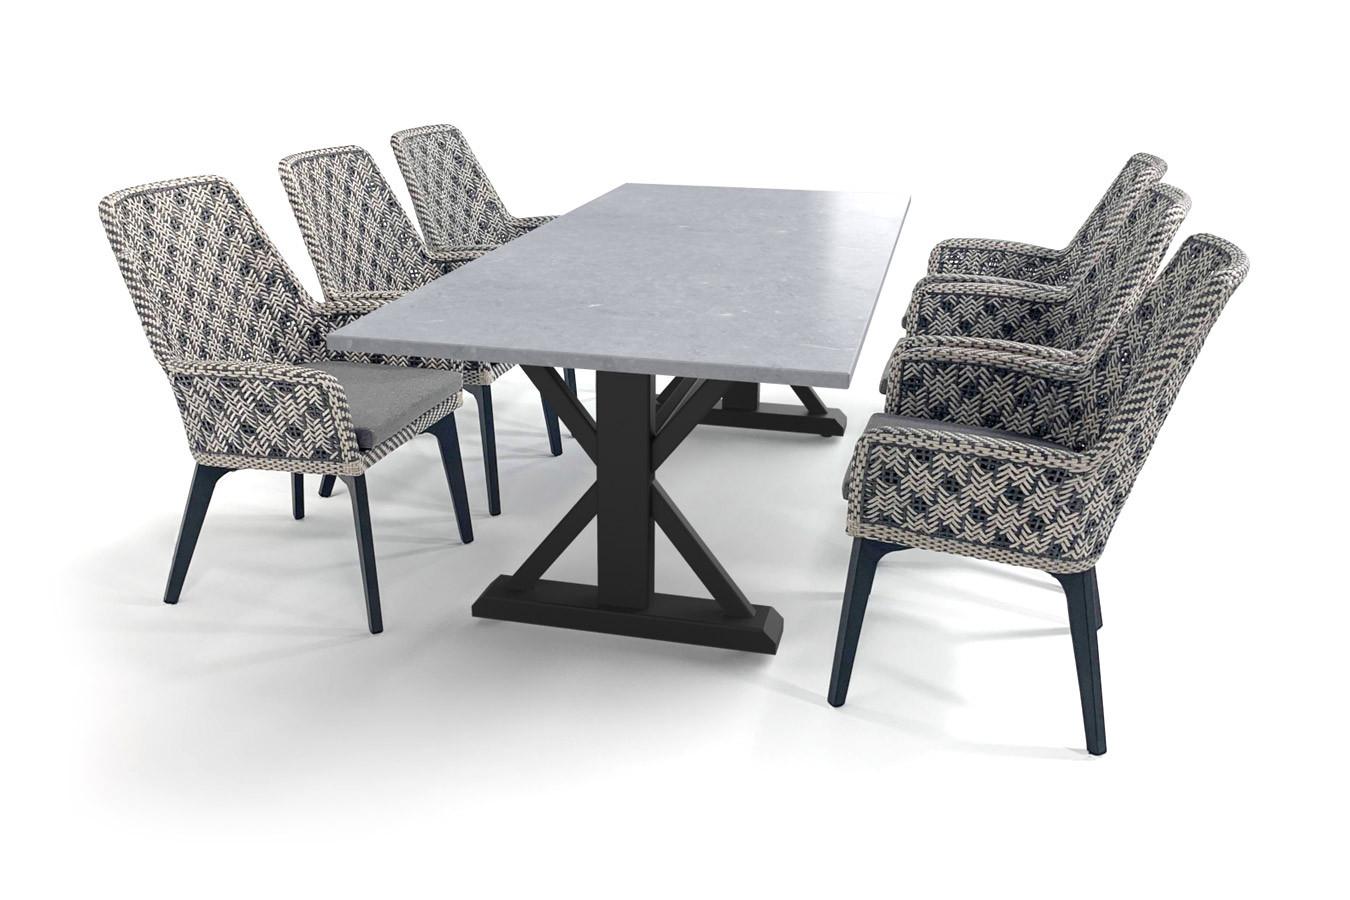 Robuster Gartentisch mit Tischplatte aus belgischem Hartstein (geschliffen) in Betonoptik und Savoy-Stühlen